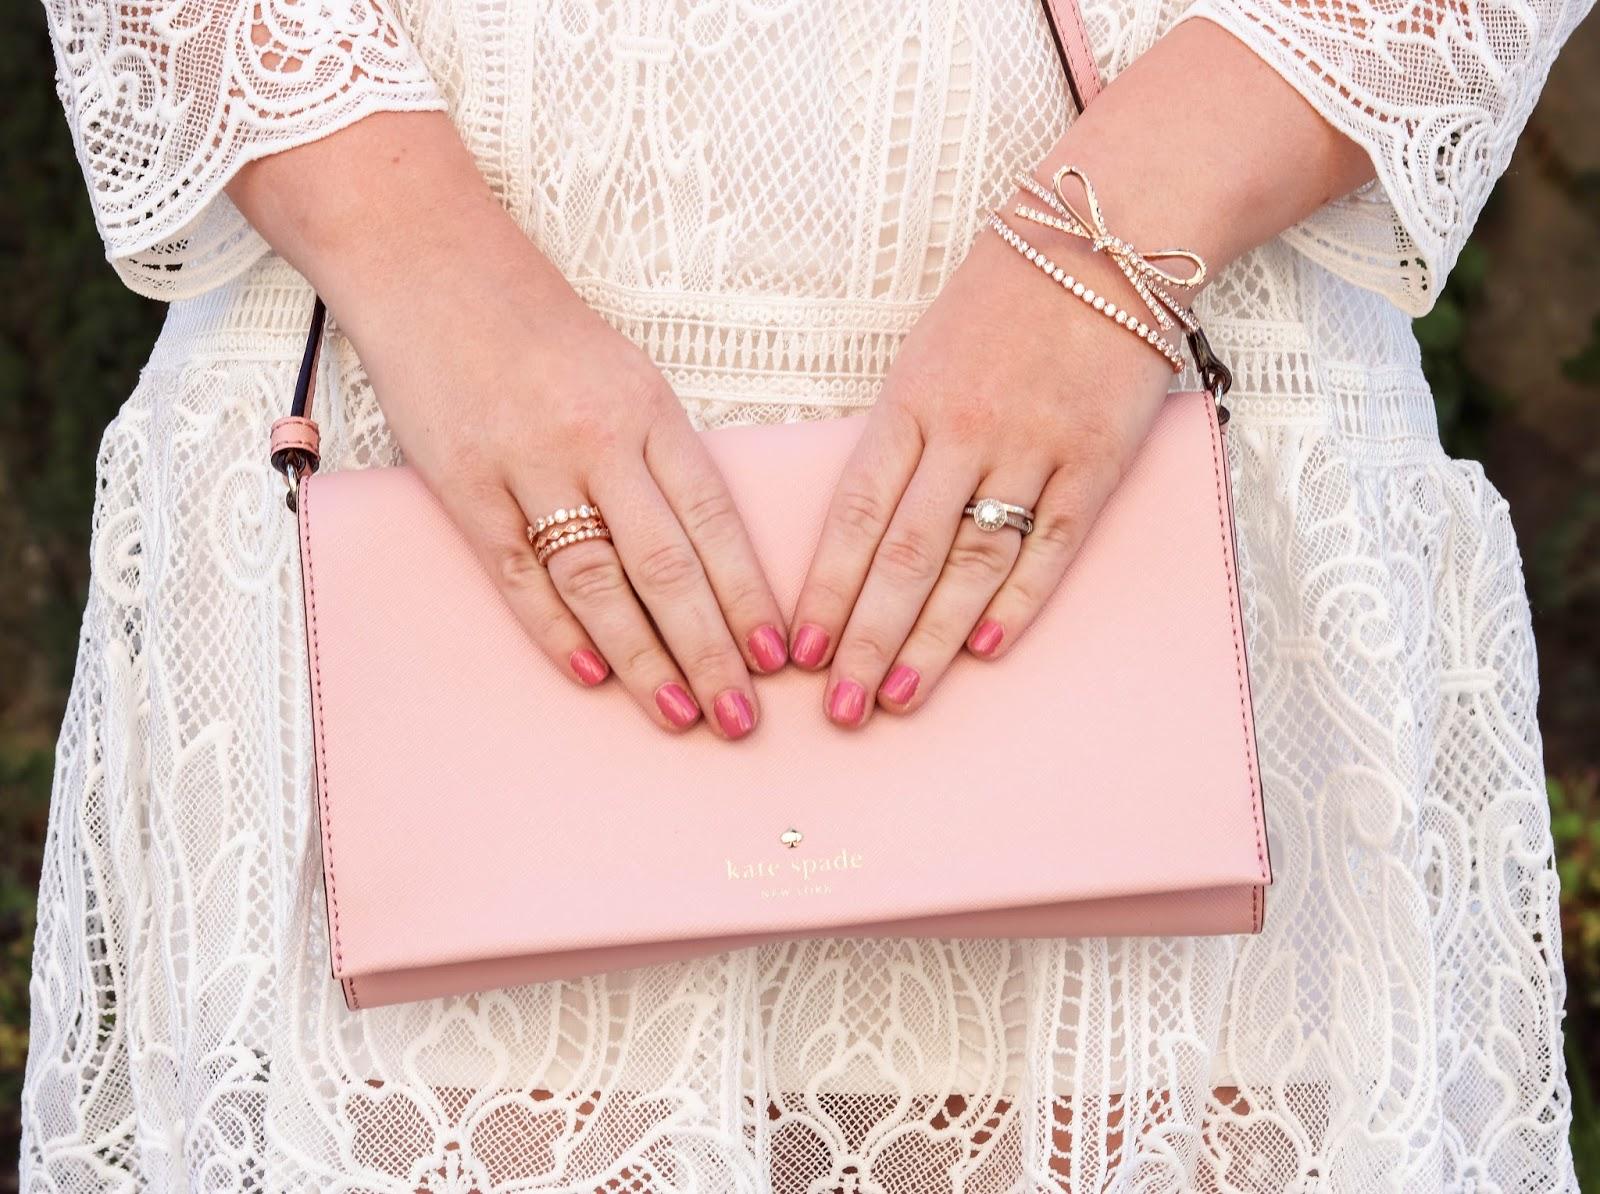 Elizabeth Hugen of Lizzie in Lace styles a pink Kate Spade handbag